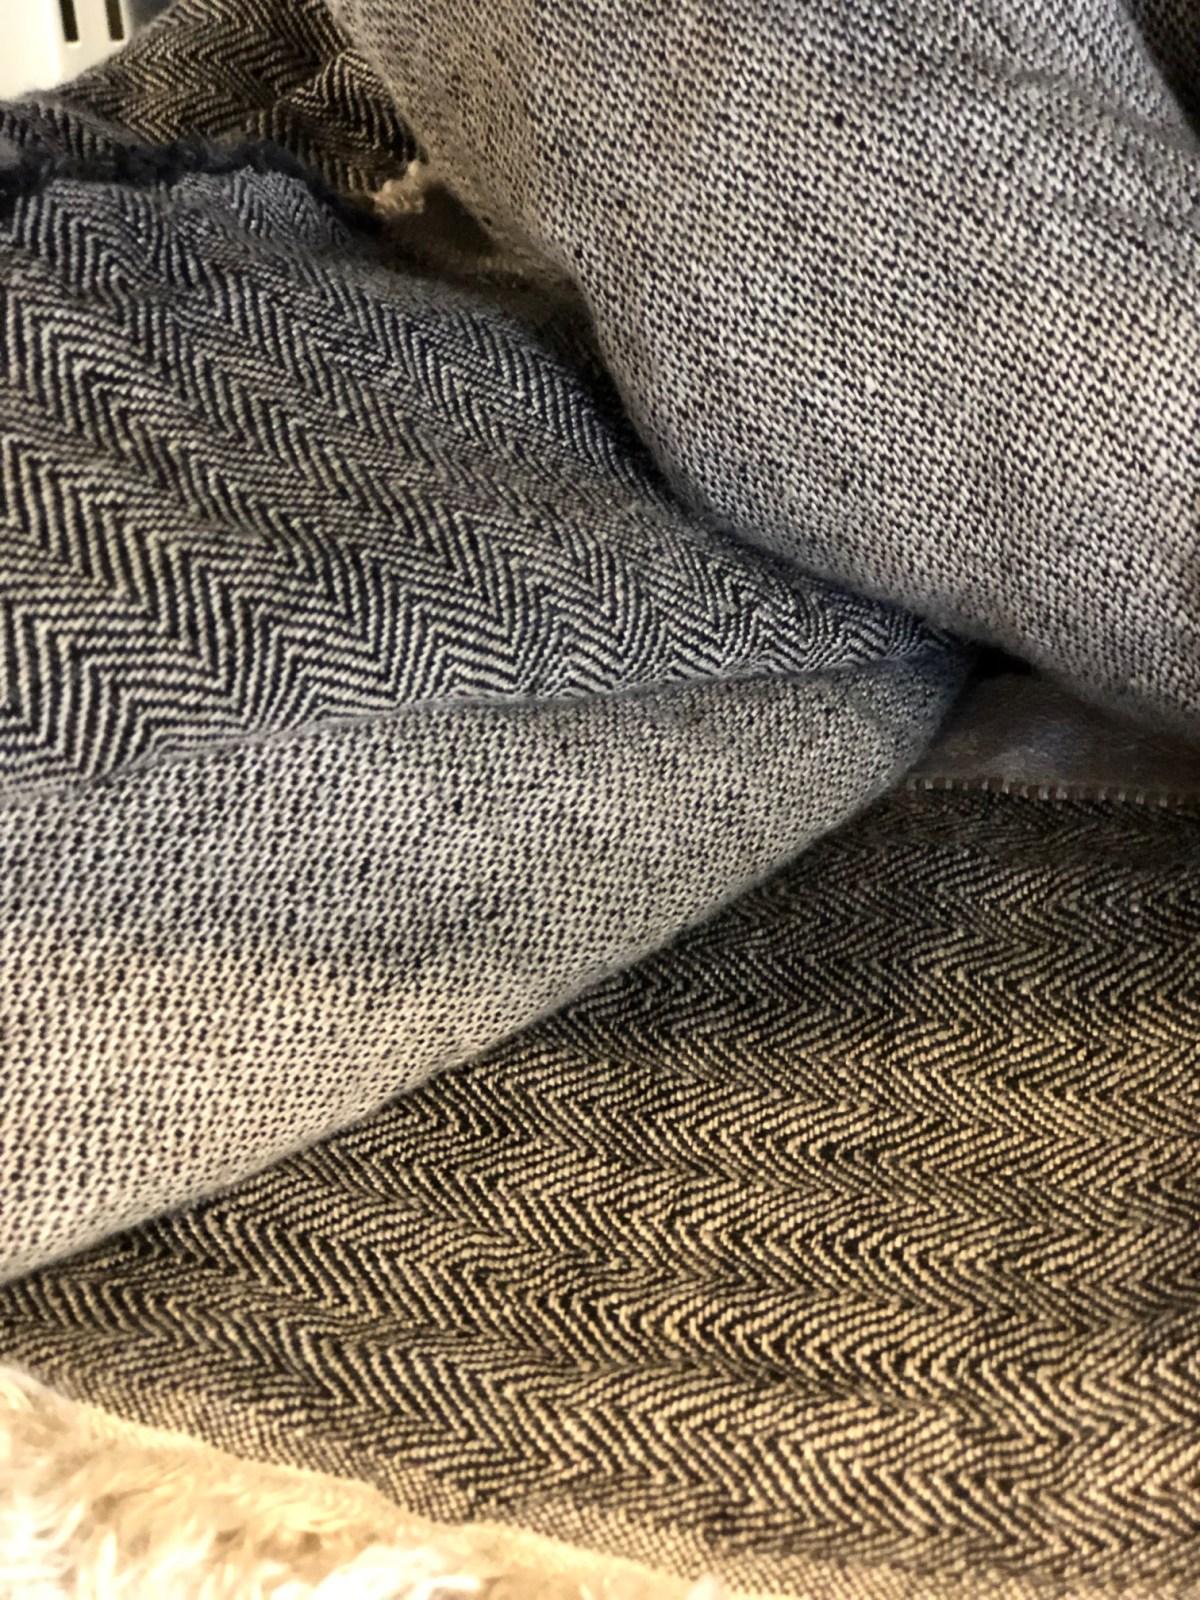 textile-lush throw-towel-libeco@artefactboston